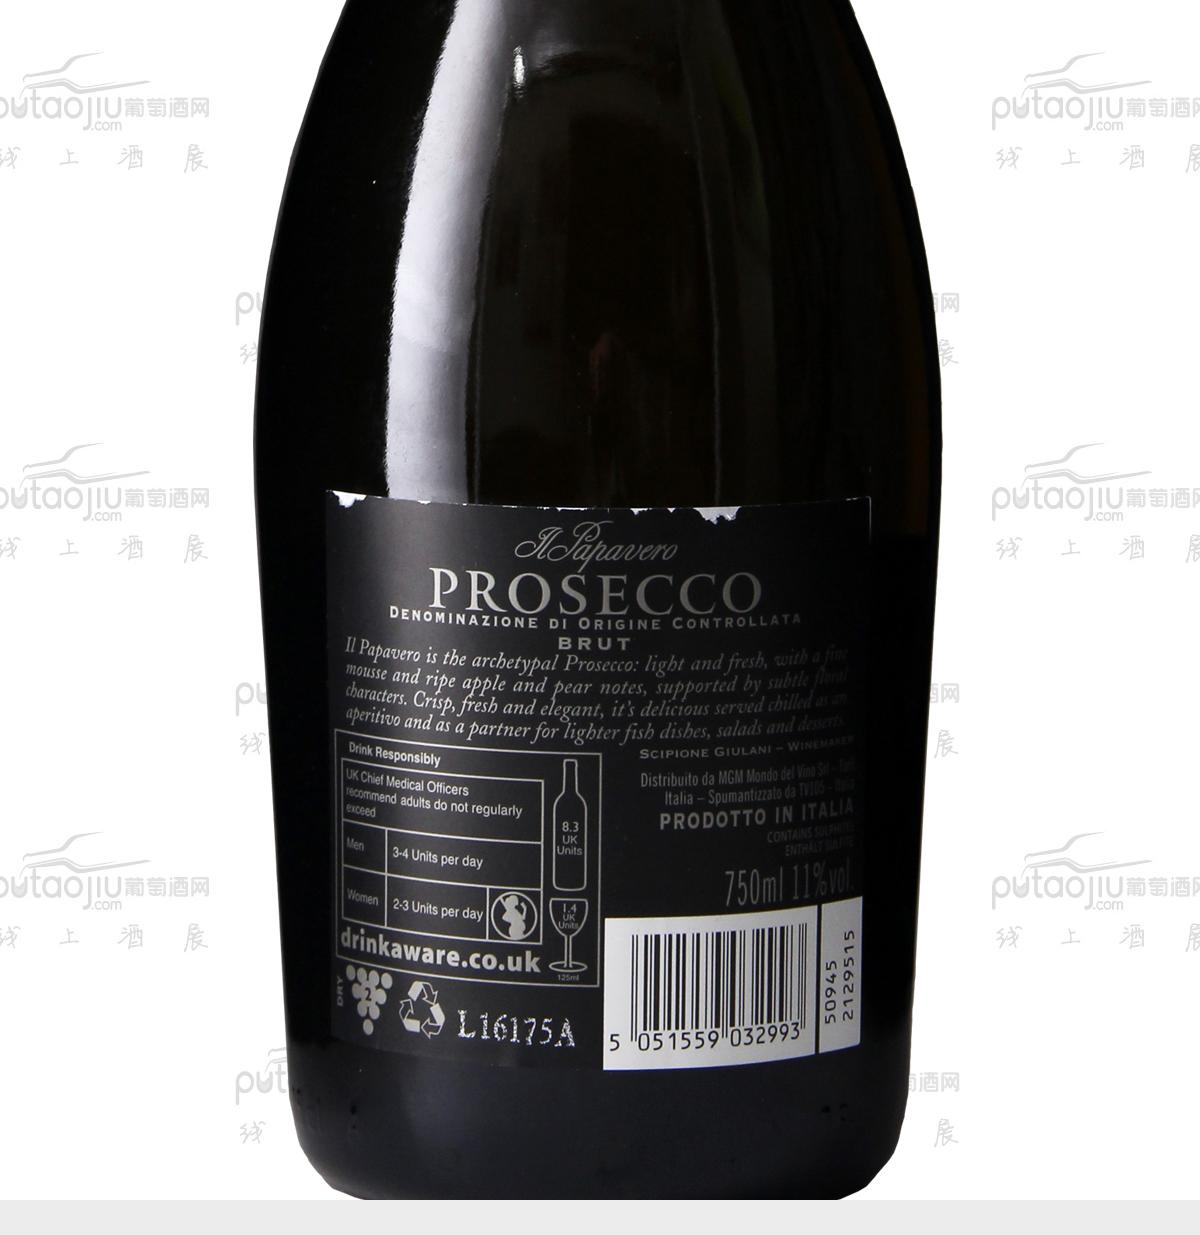 意大利虞美人牌普罗塞克起泡酒